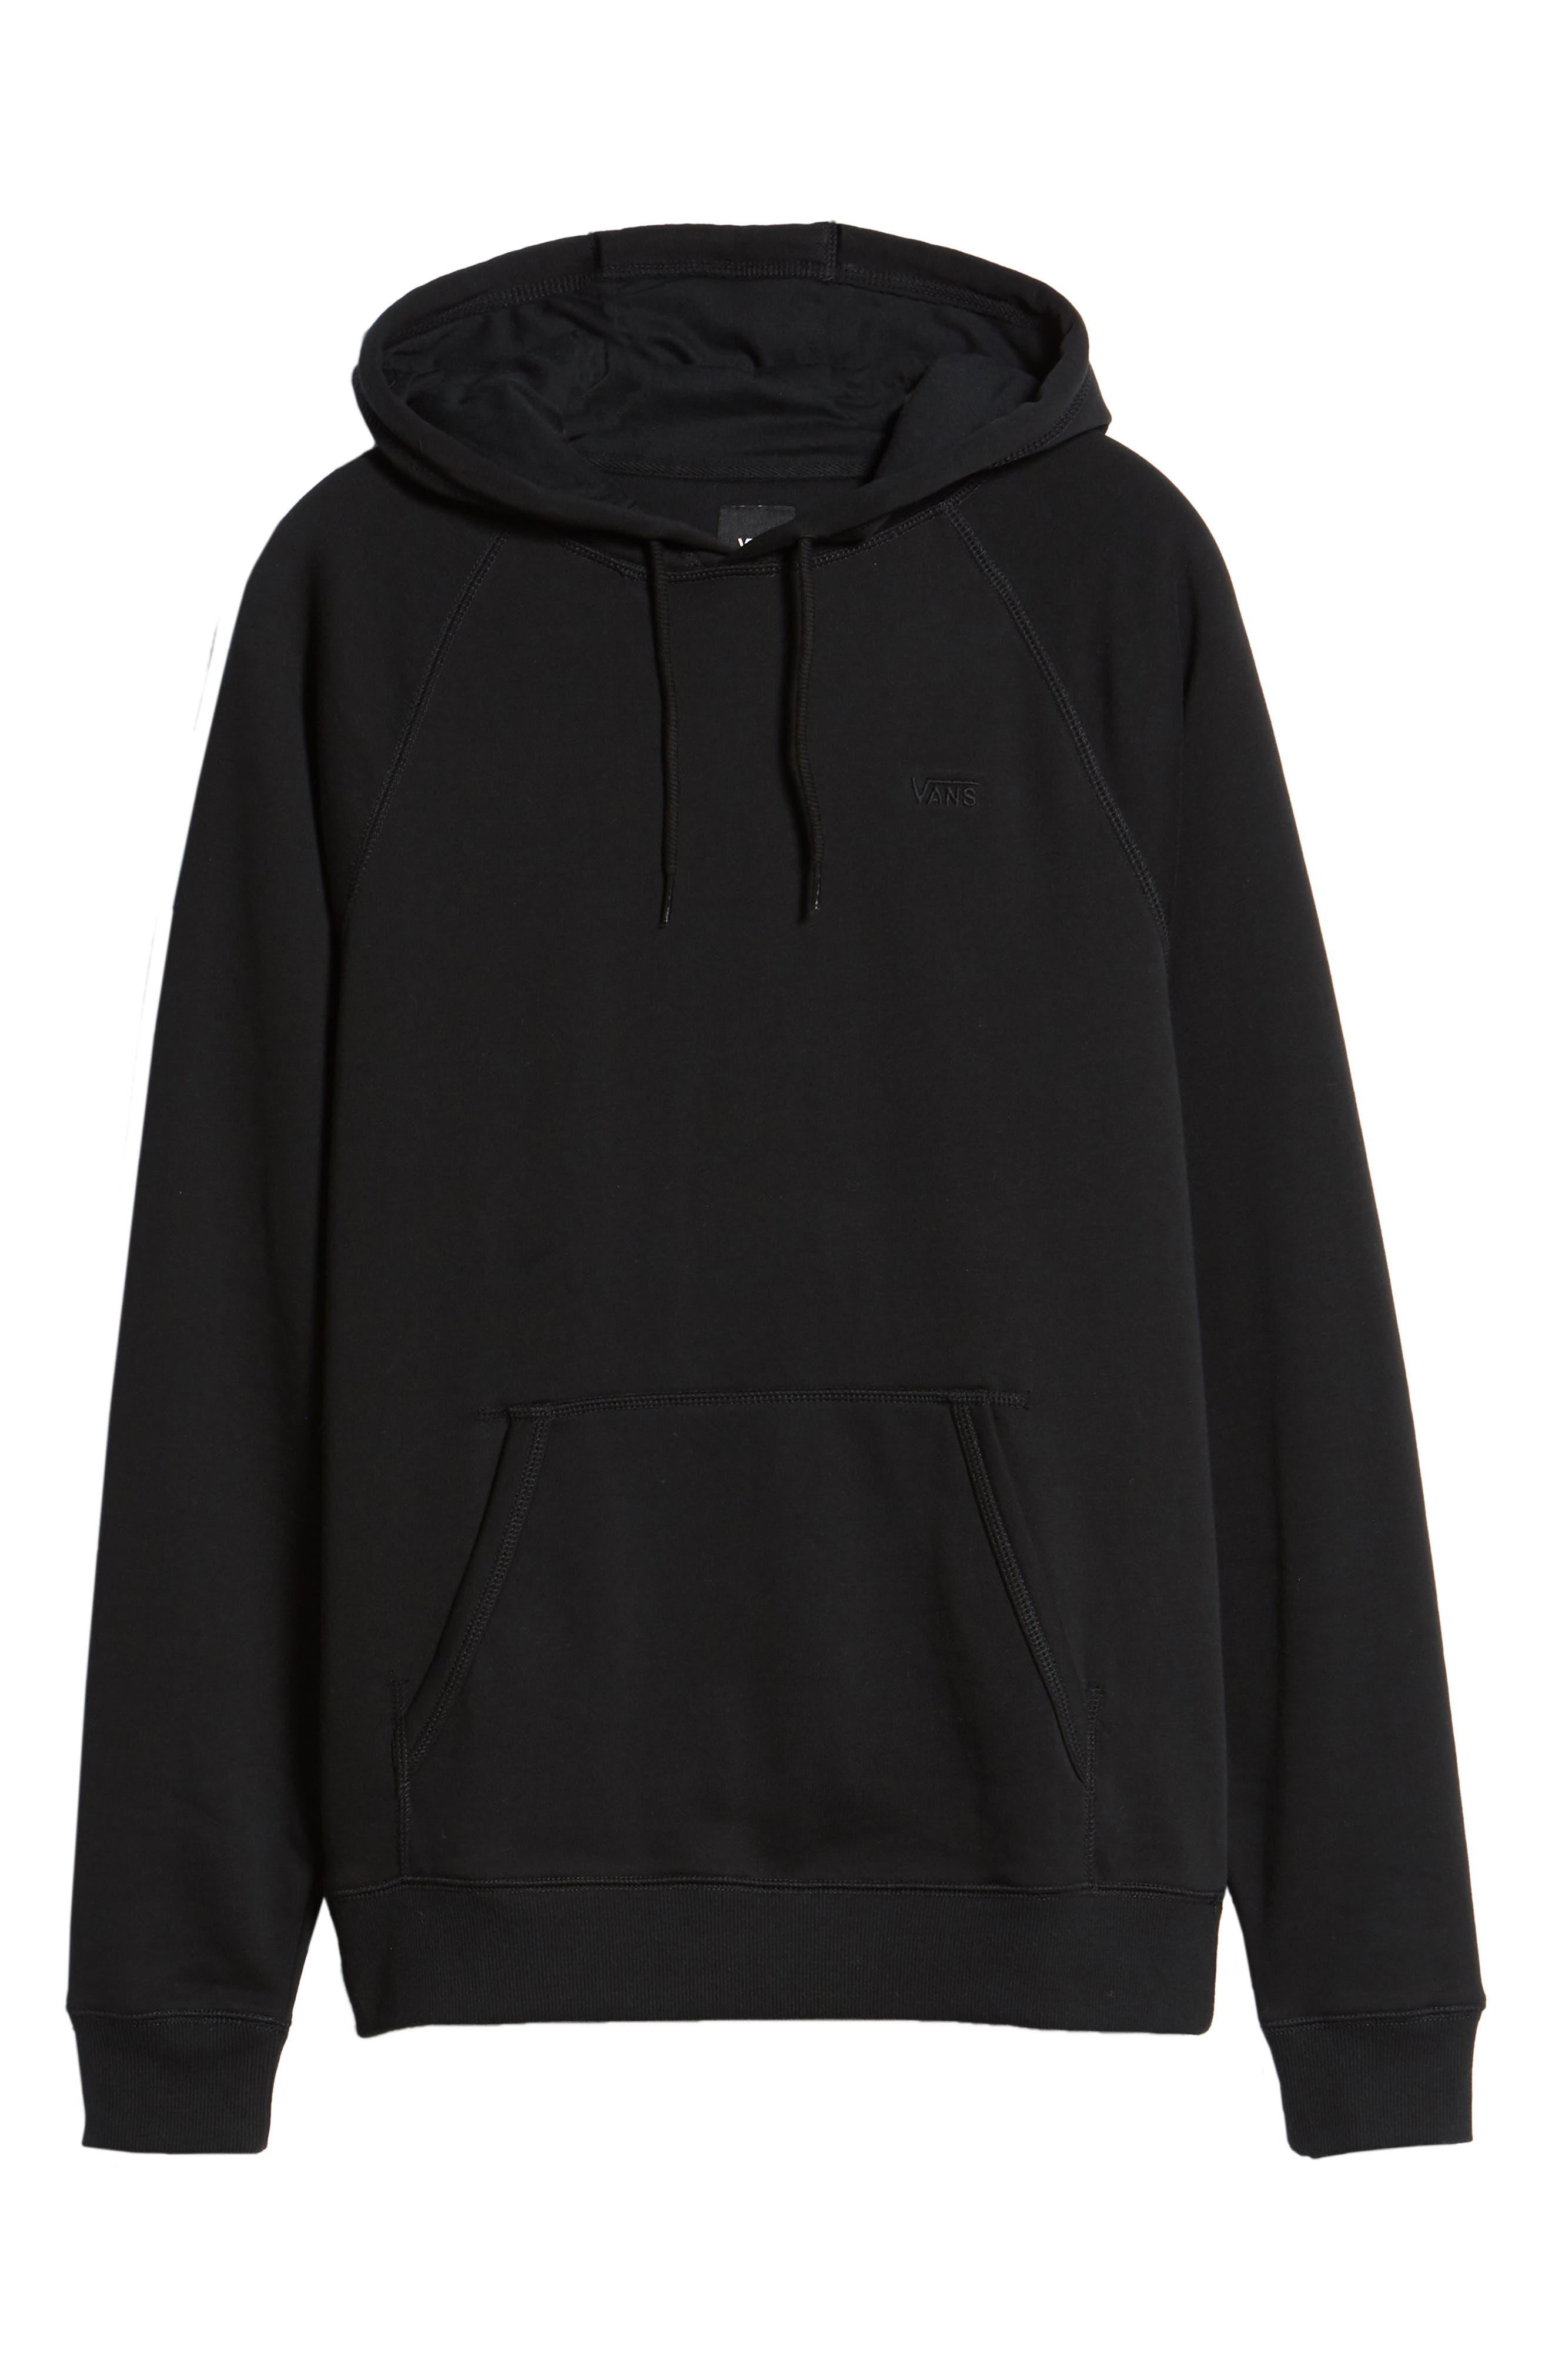 Versa Hoodie Sweatshirt,                             Alternate thumbnail 6, color,                             BLACK